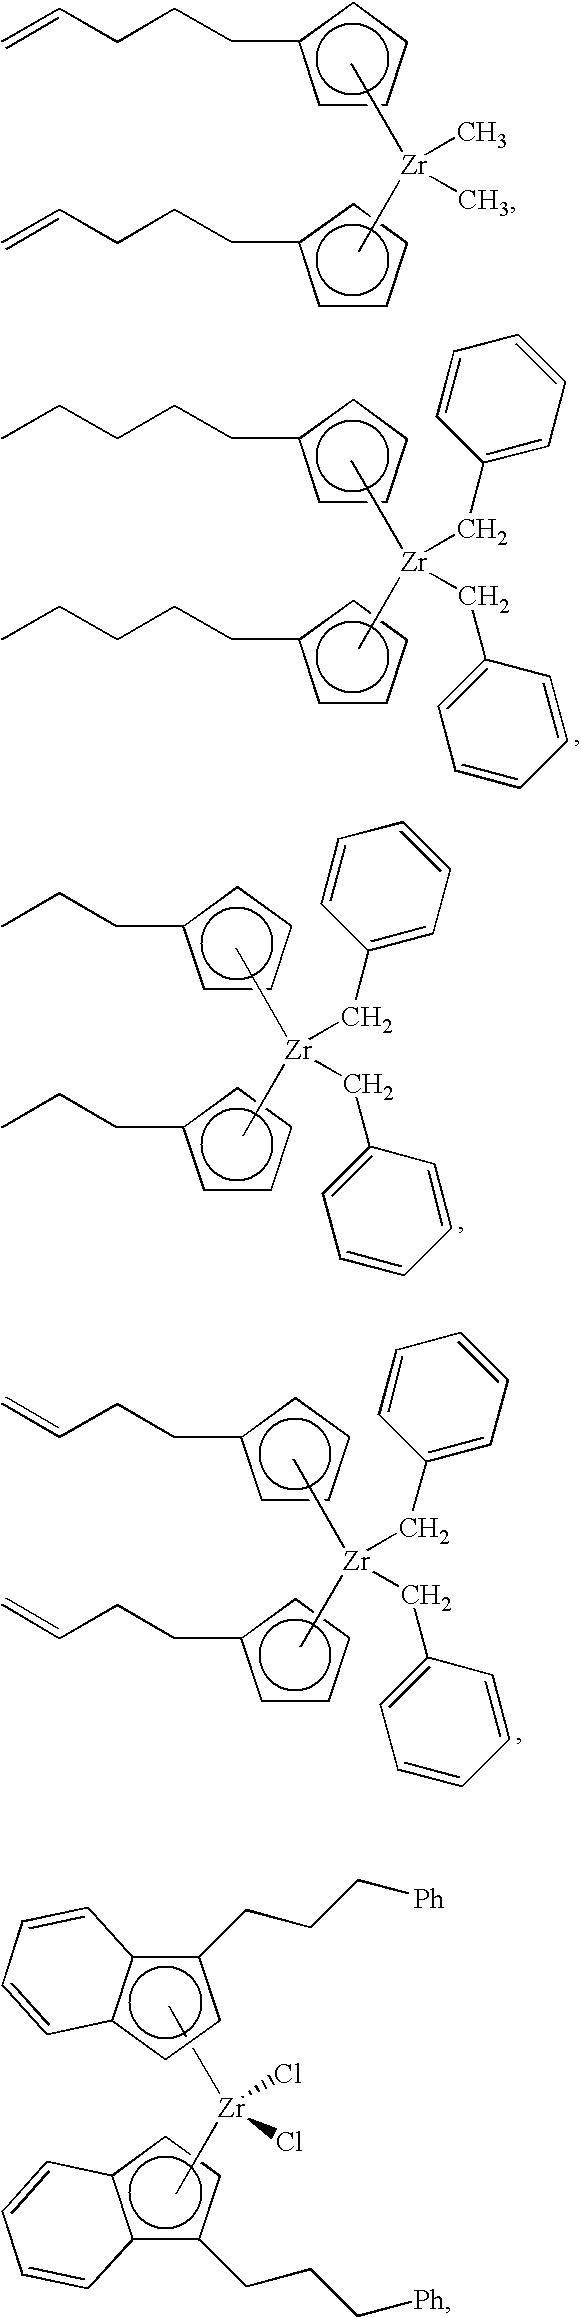 Figure US07619047-20091117-C00016